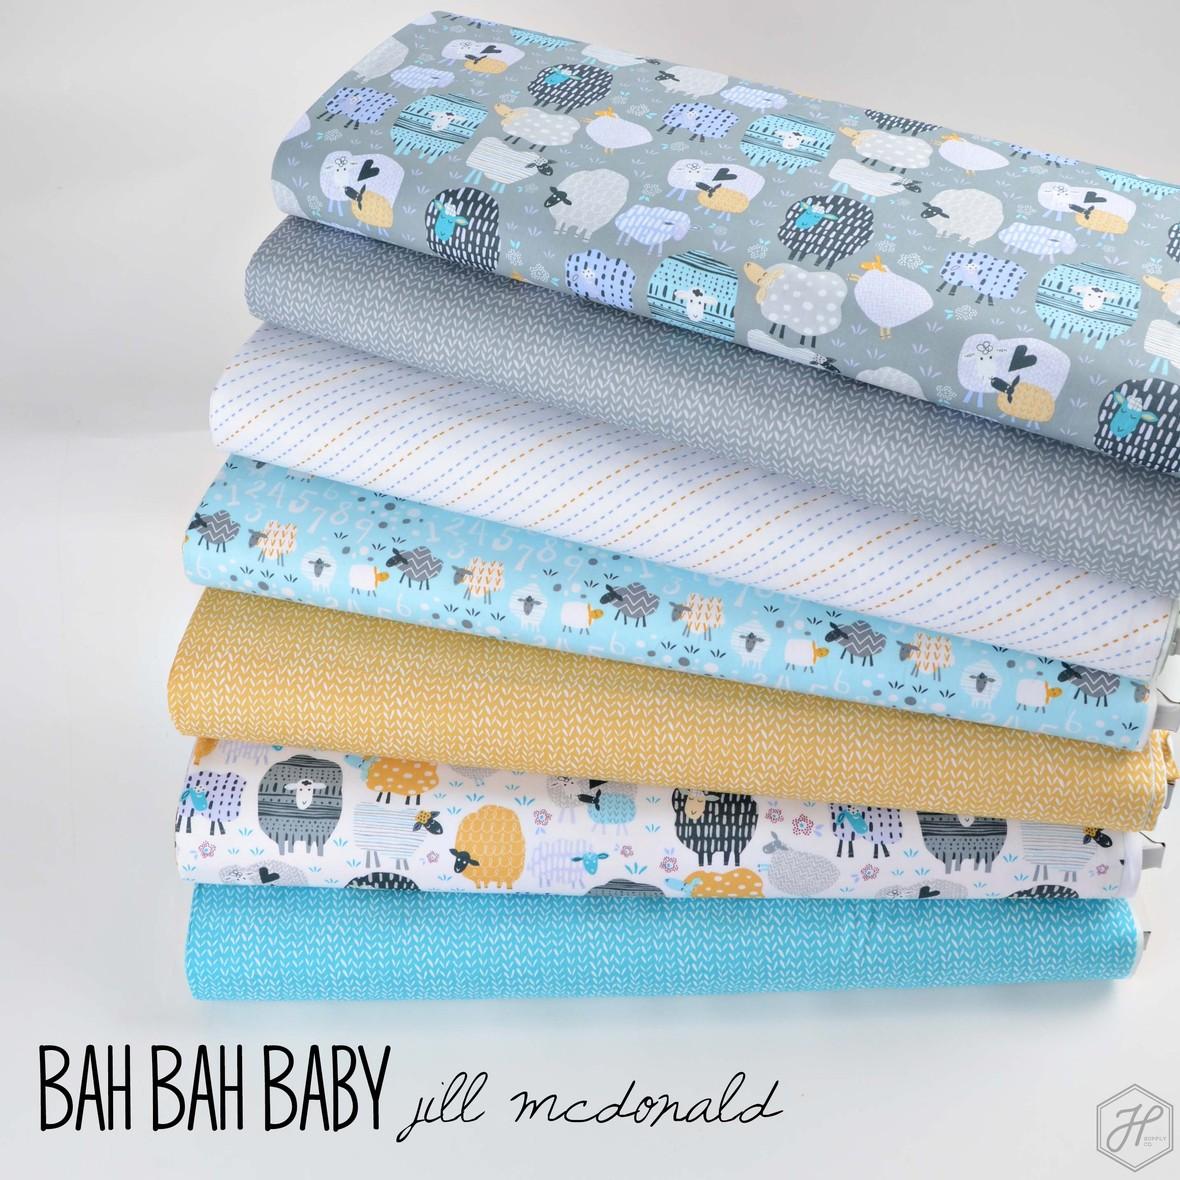 Bah Bah Baby fabric poster